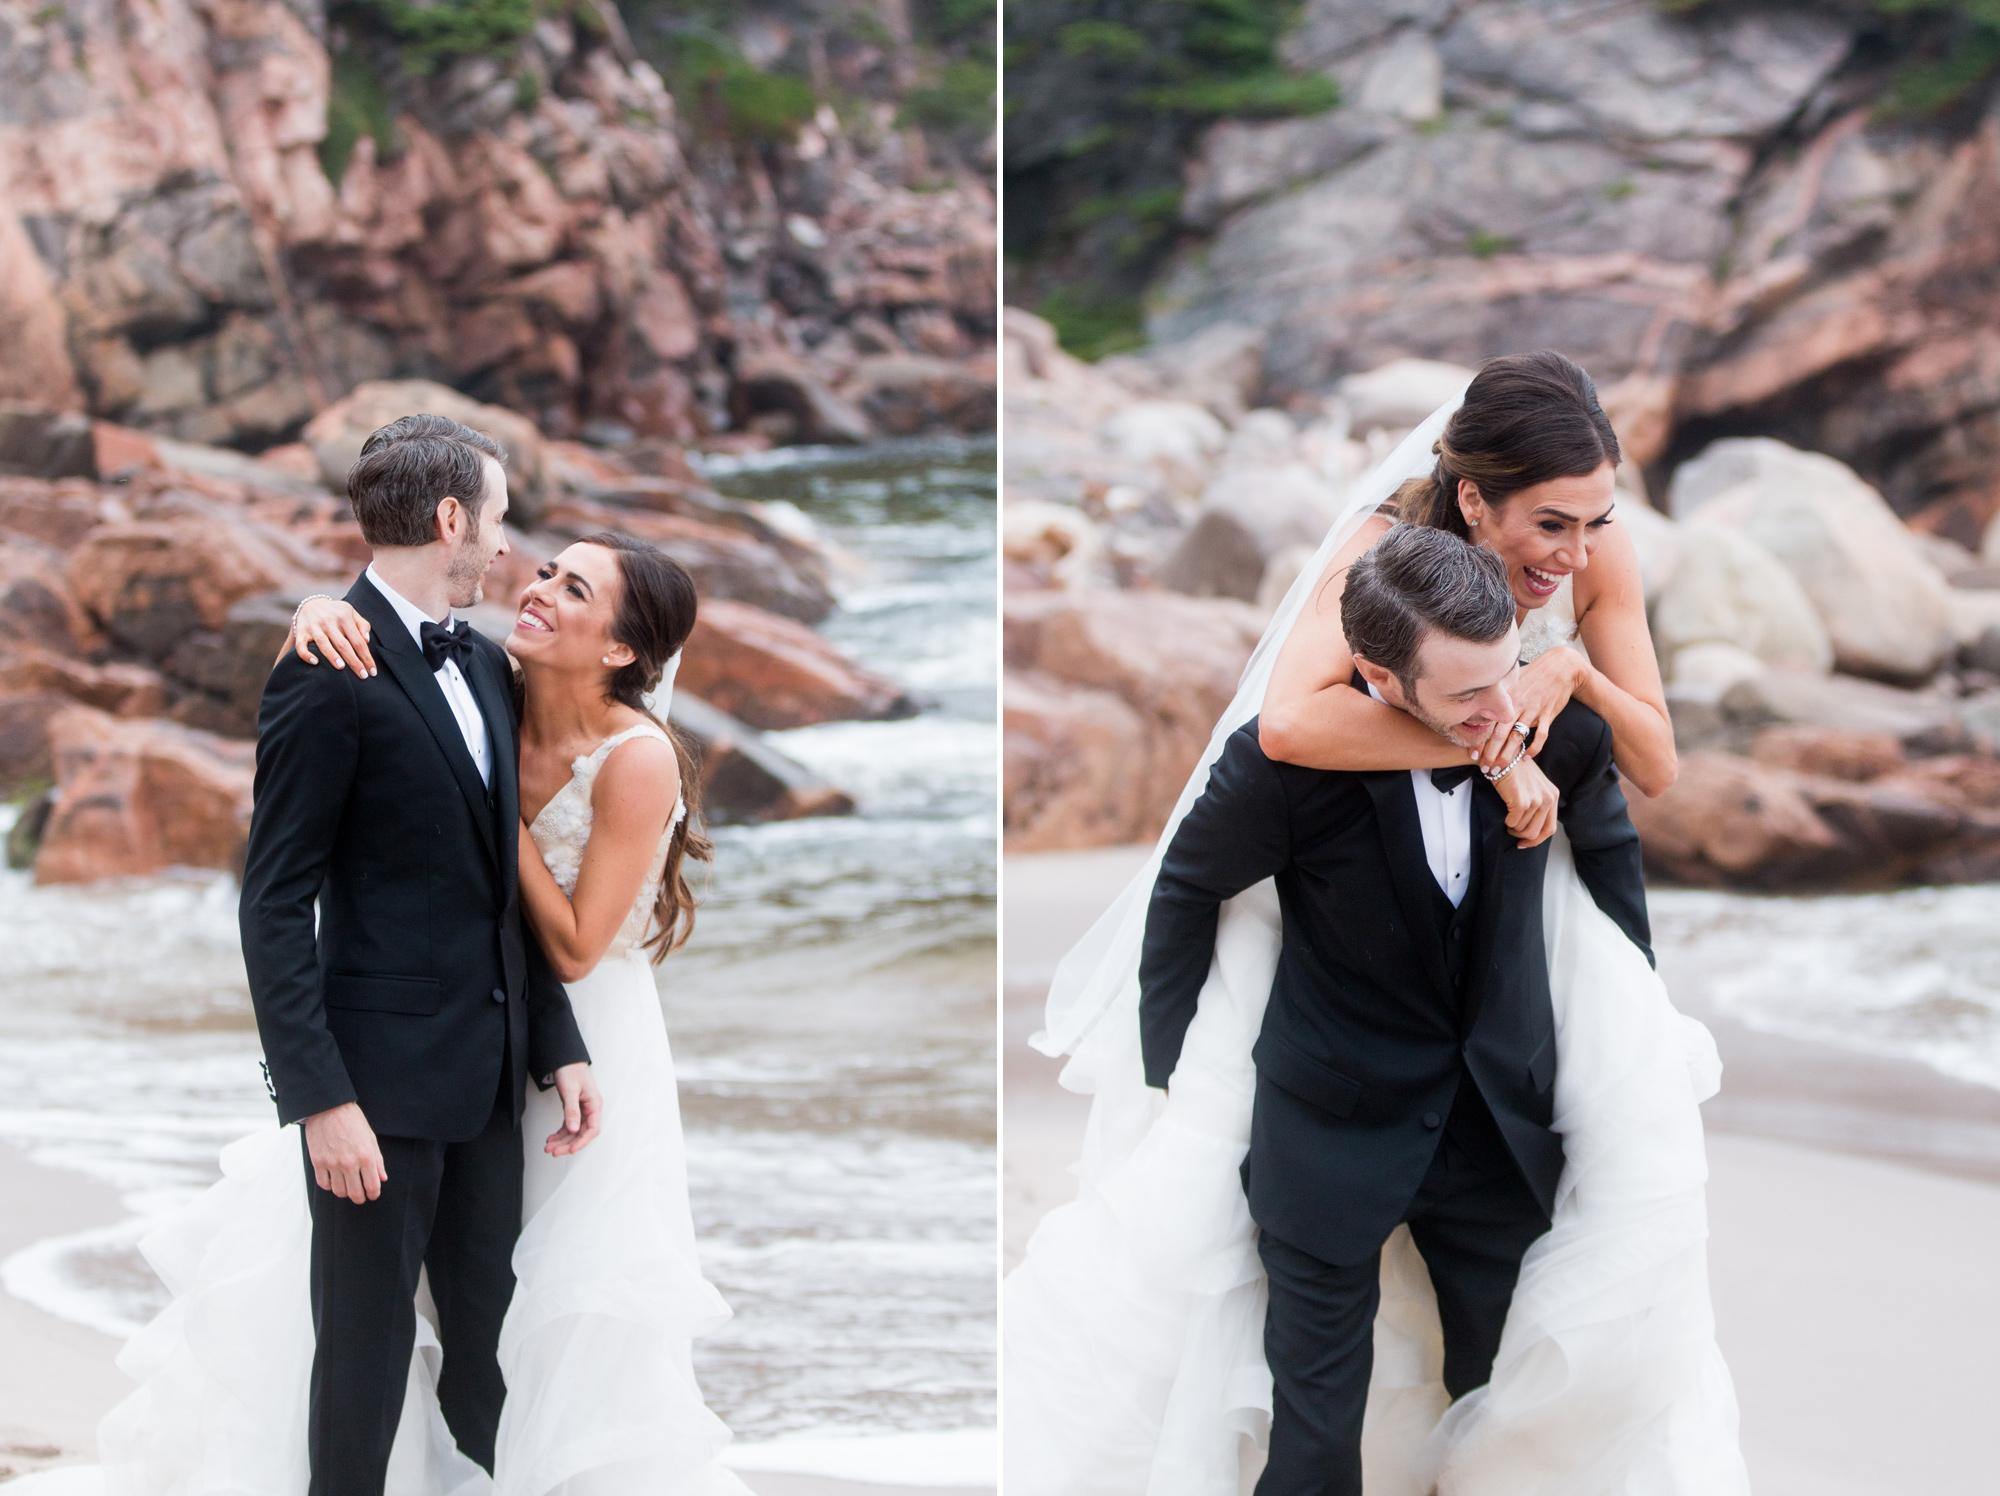 486-halifax-waterfall-wedding--.jpg